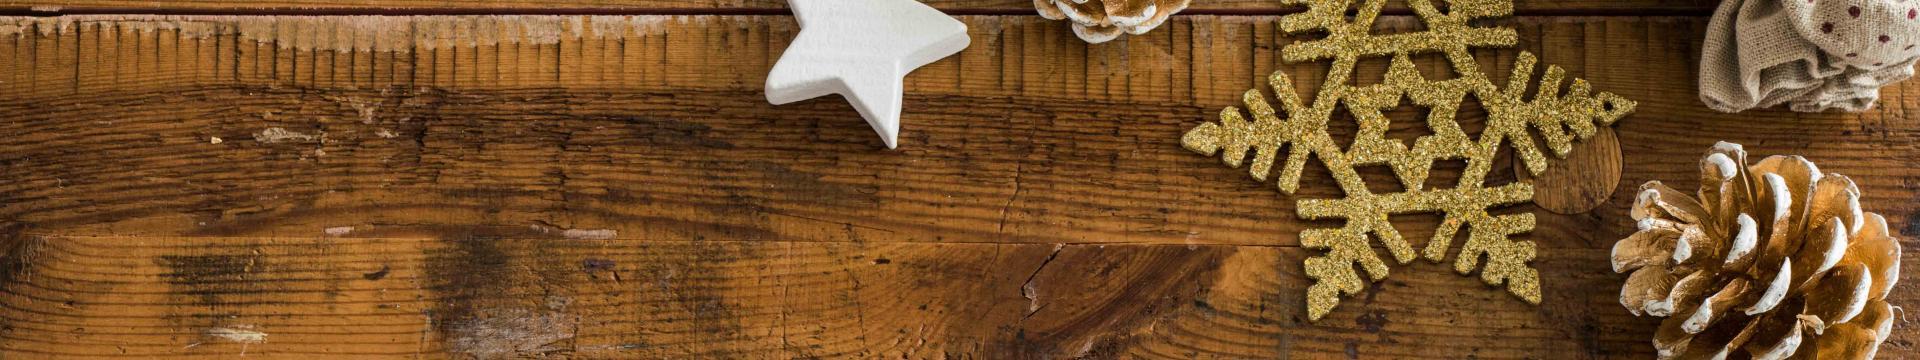 Il profumo del legno a Natale: atmosfere magiche che sanno di famiglia